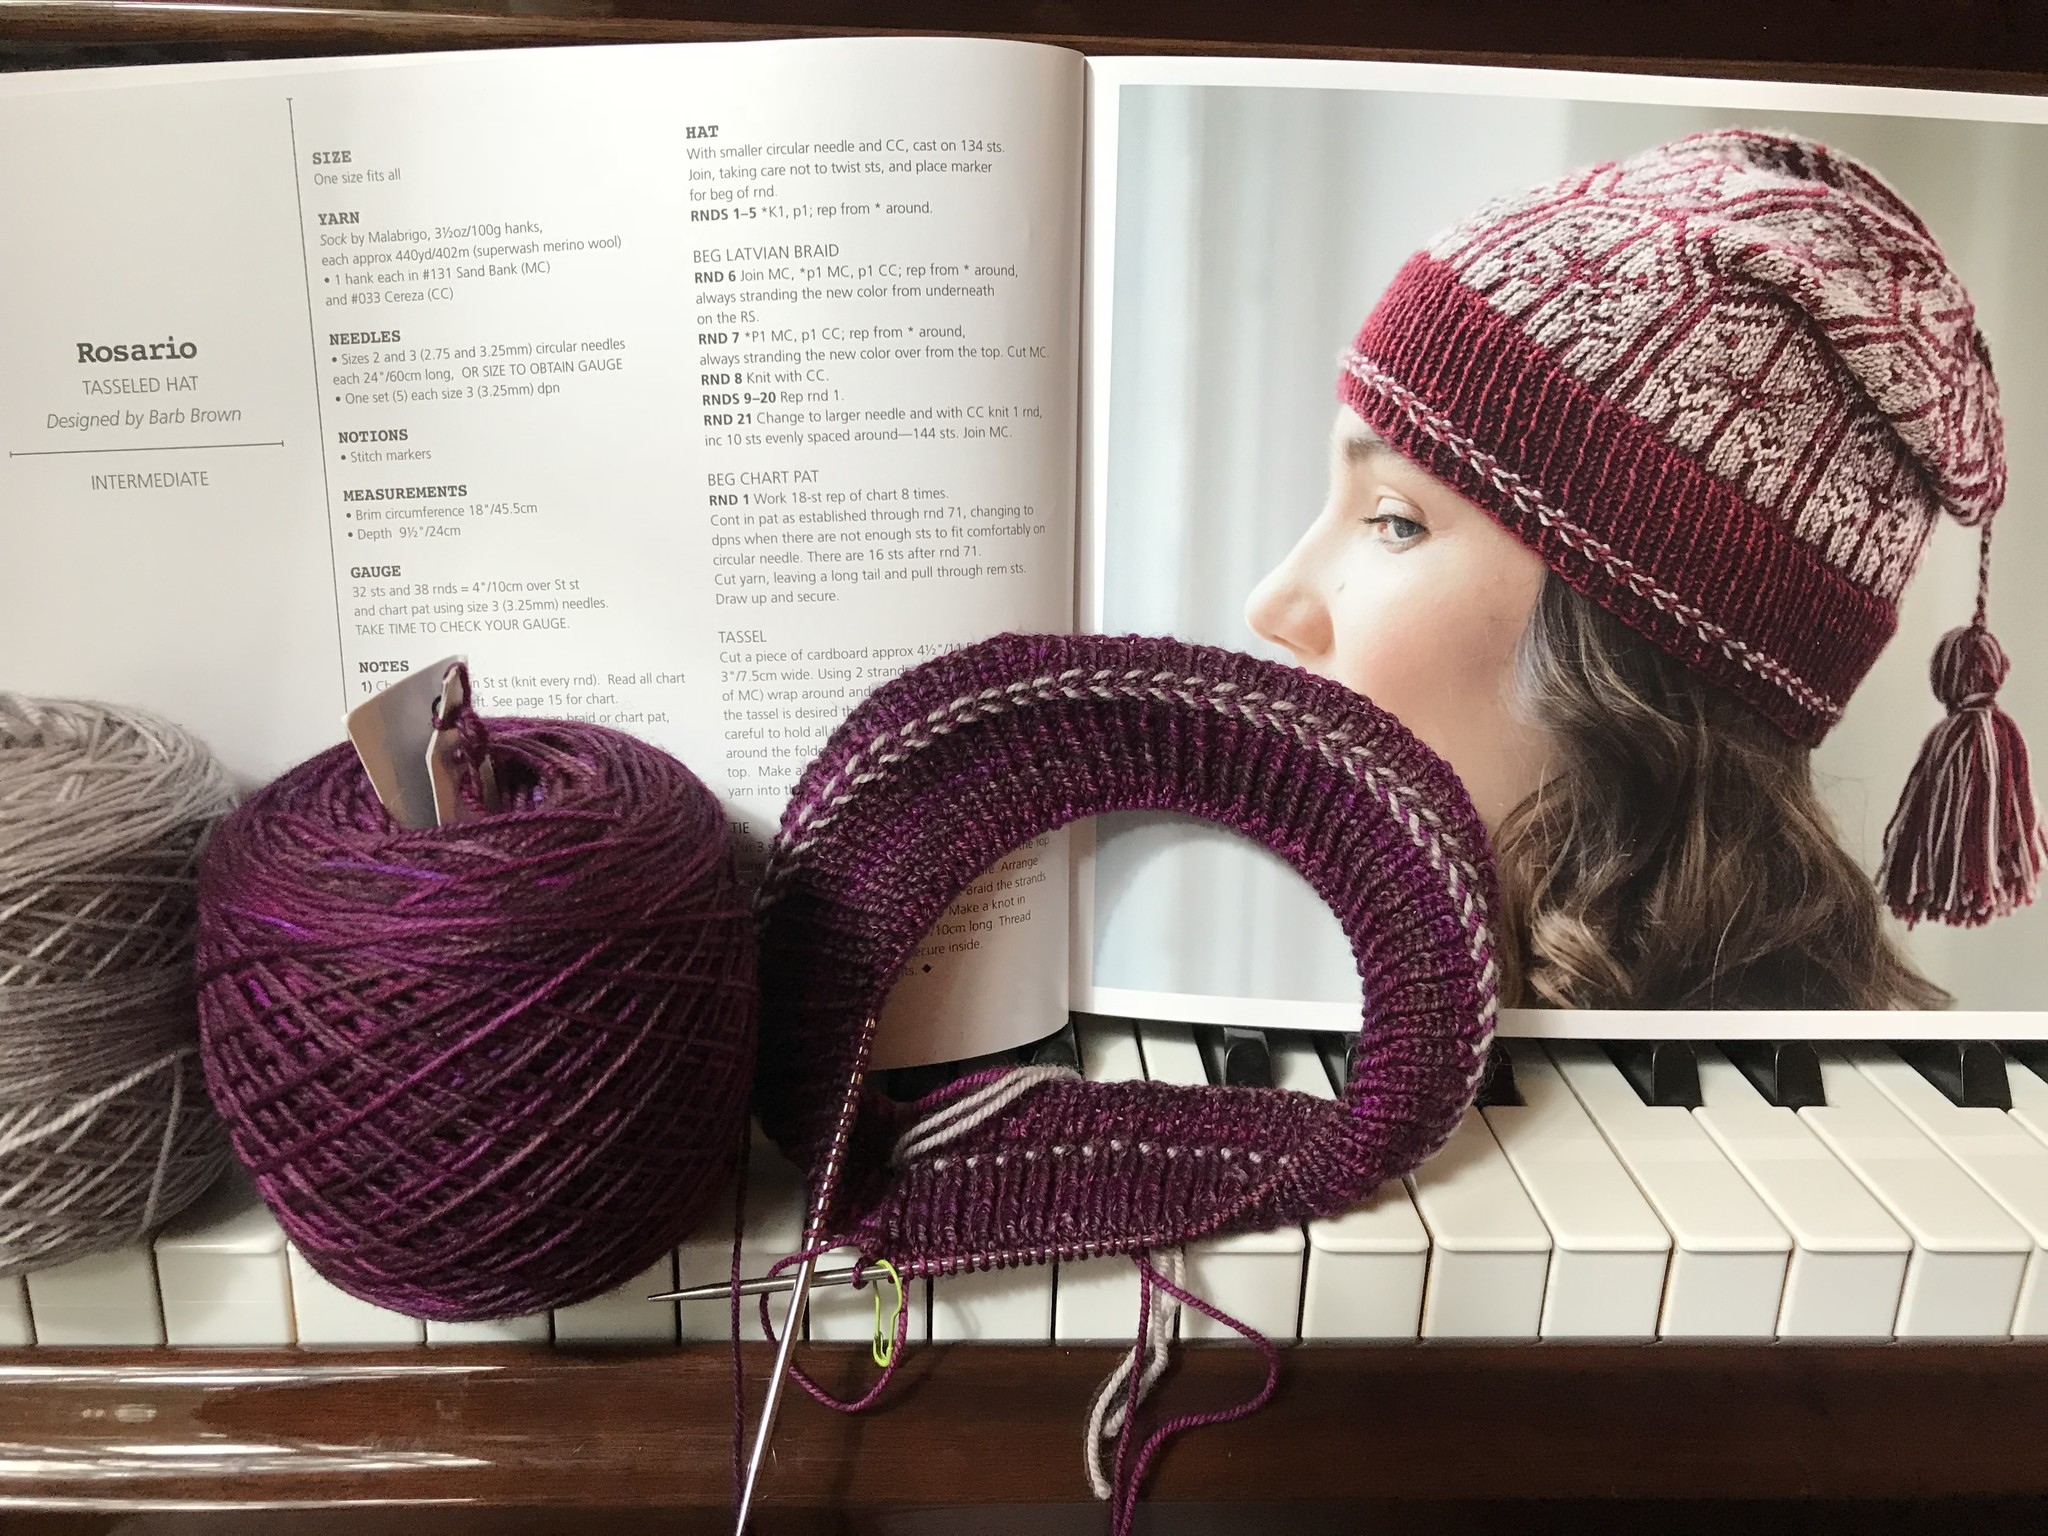 Malabrigo Hat